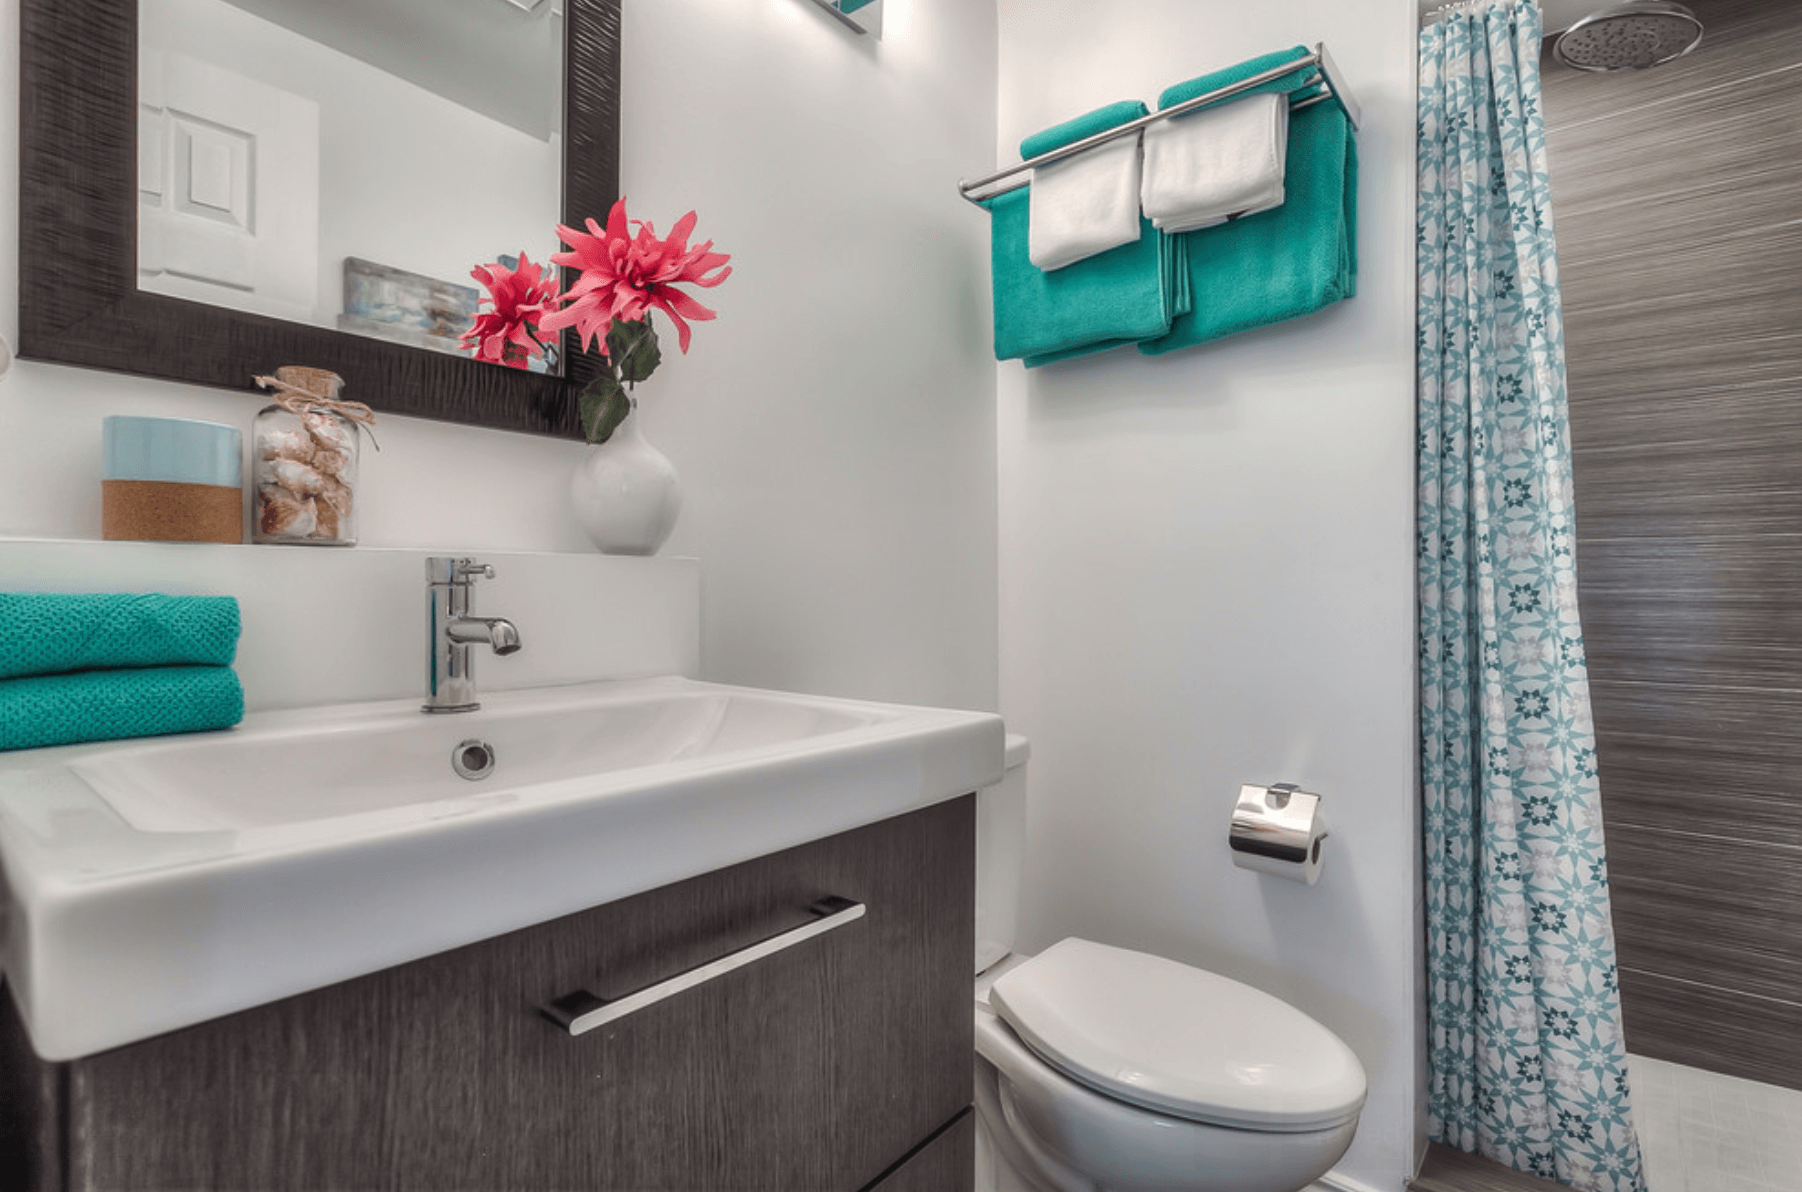 Banheiros Pequenos  Fotos e Dicas Imperdíveis  Arquidicas # Banheiro Pequeno Reforma